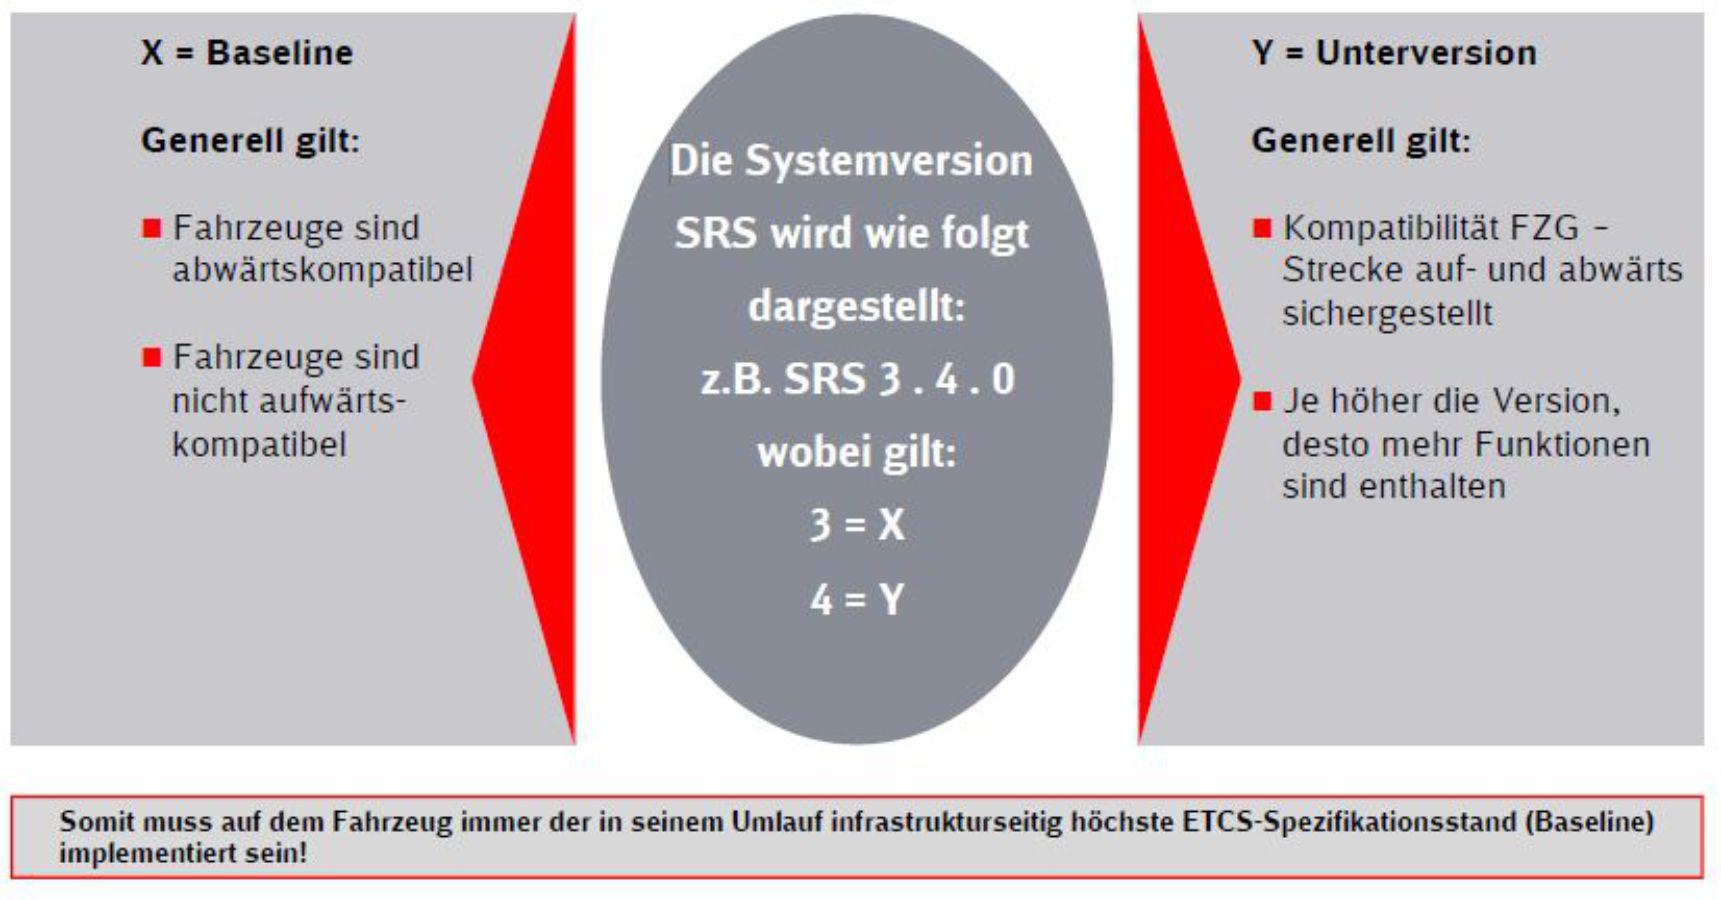 ETCS Baseline Erklärung